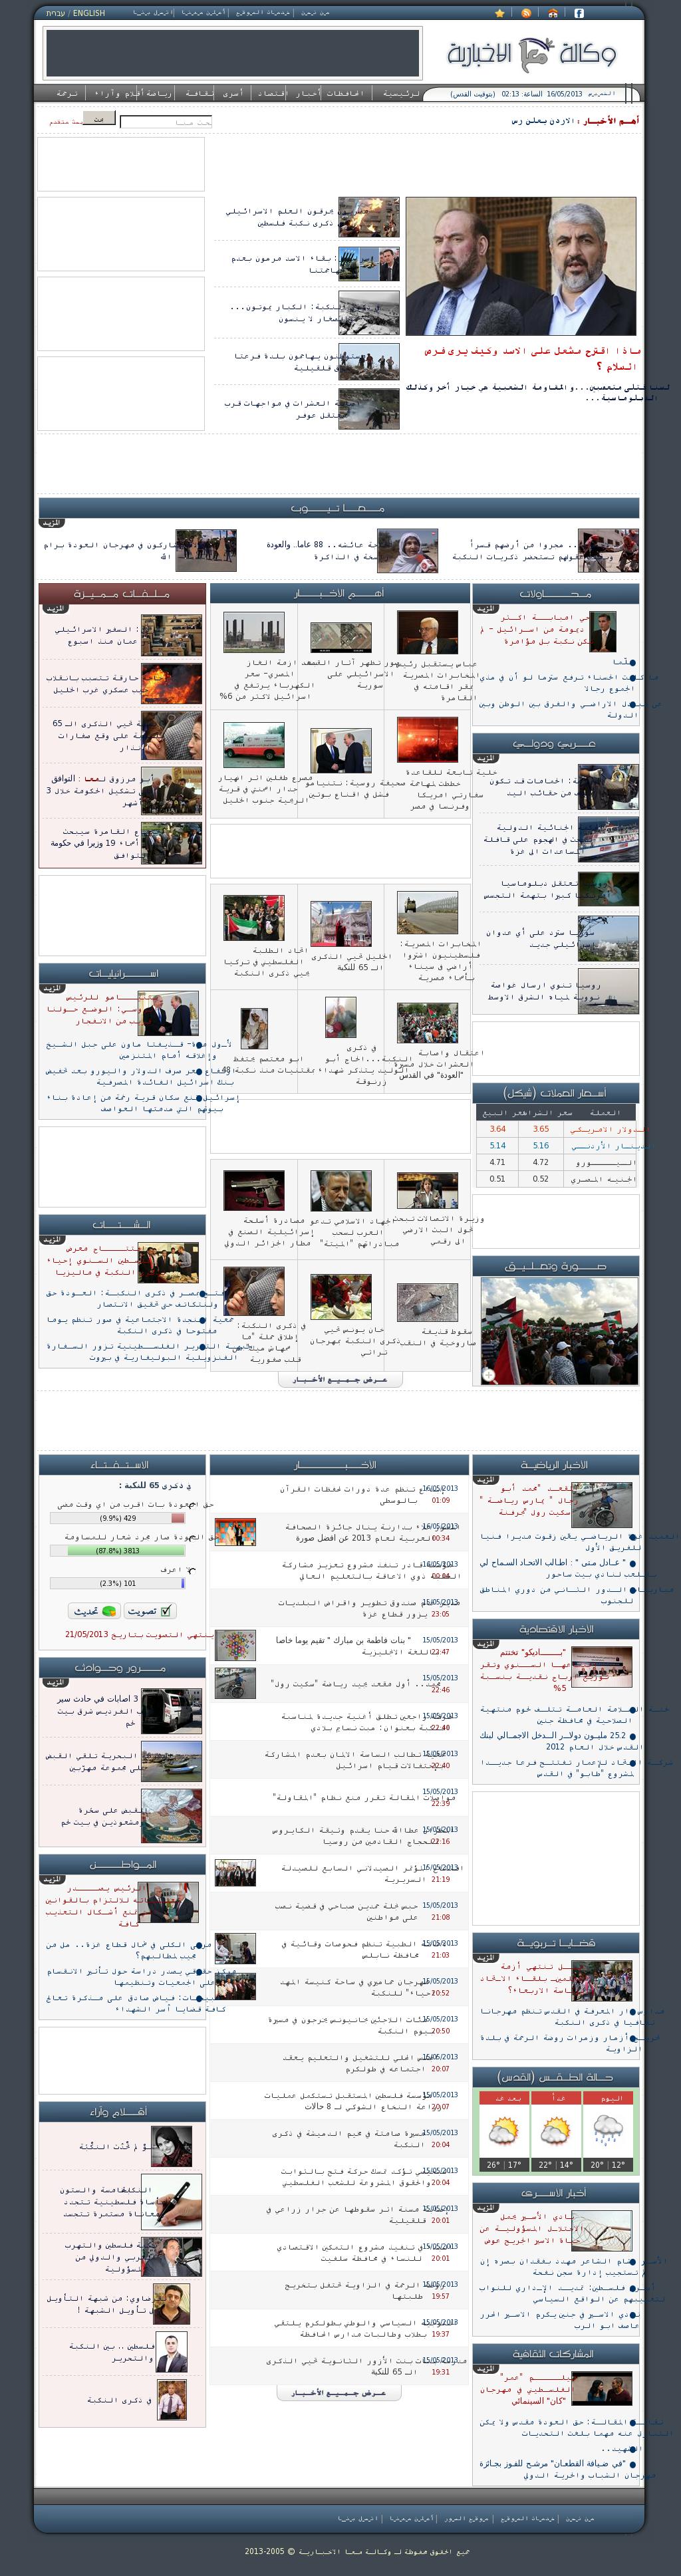 Ma'an News at Wednesday May 15, 2013, 11:13 p.m. UTC